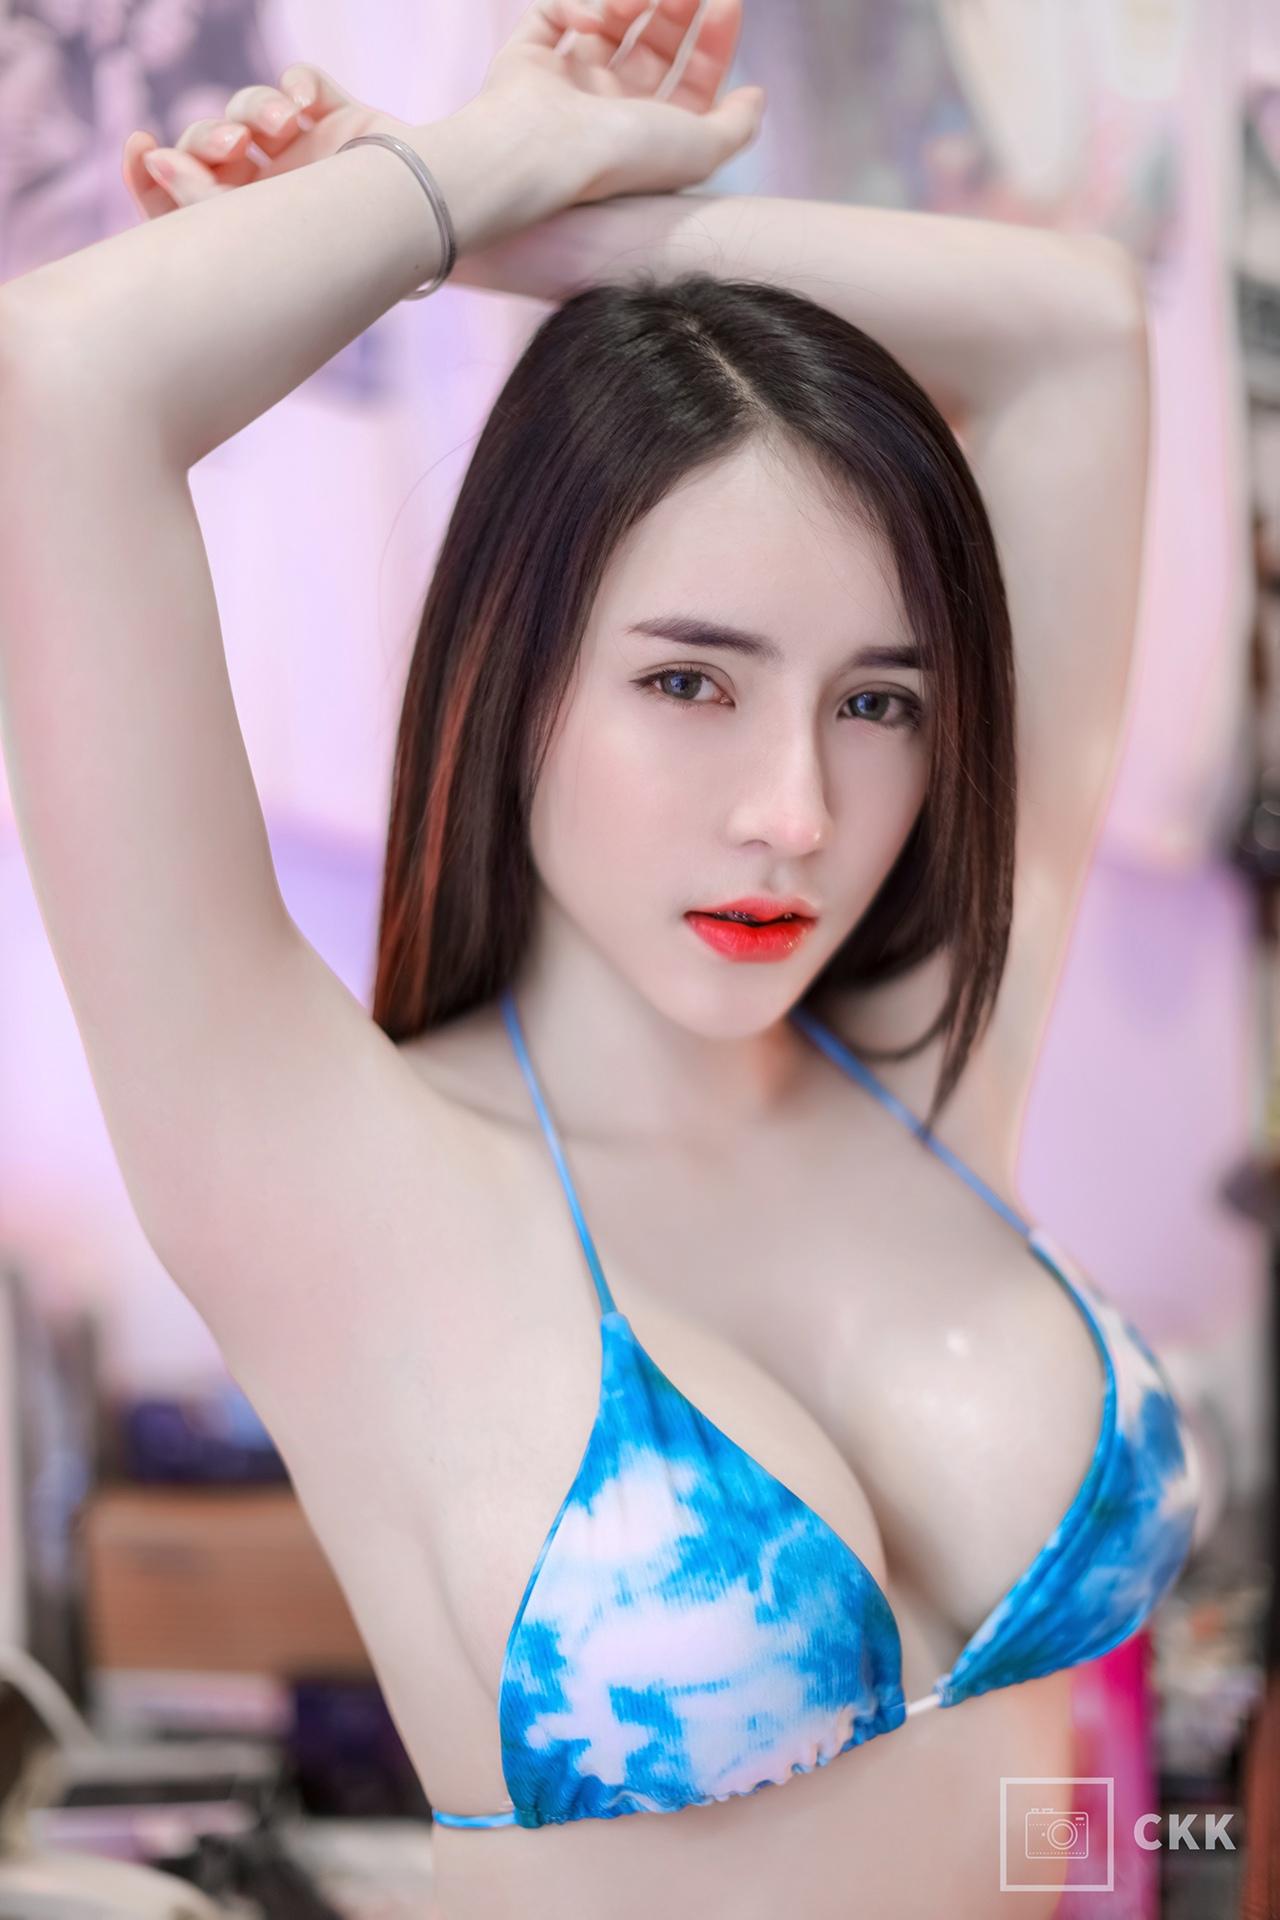 ขอบคุณรูปภาพสาวสวยเซ็กซี่ รูปเด็ด จาก CKK Photo